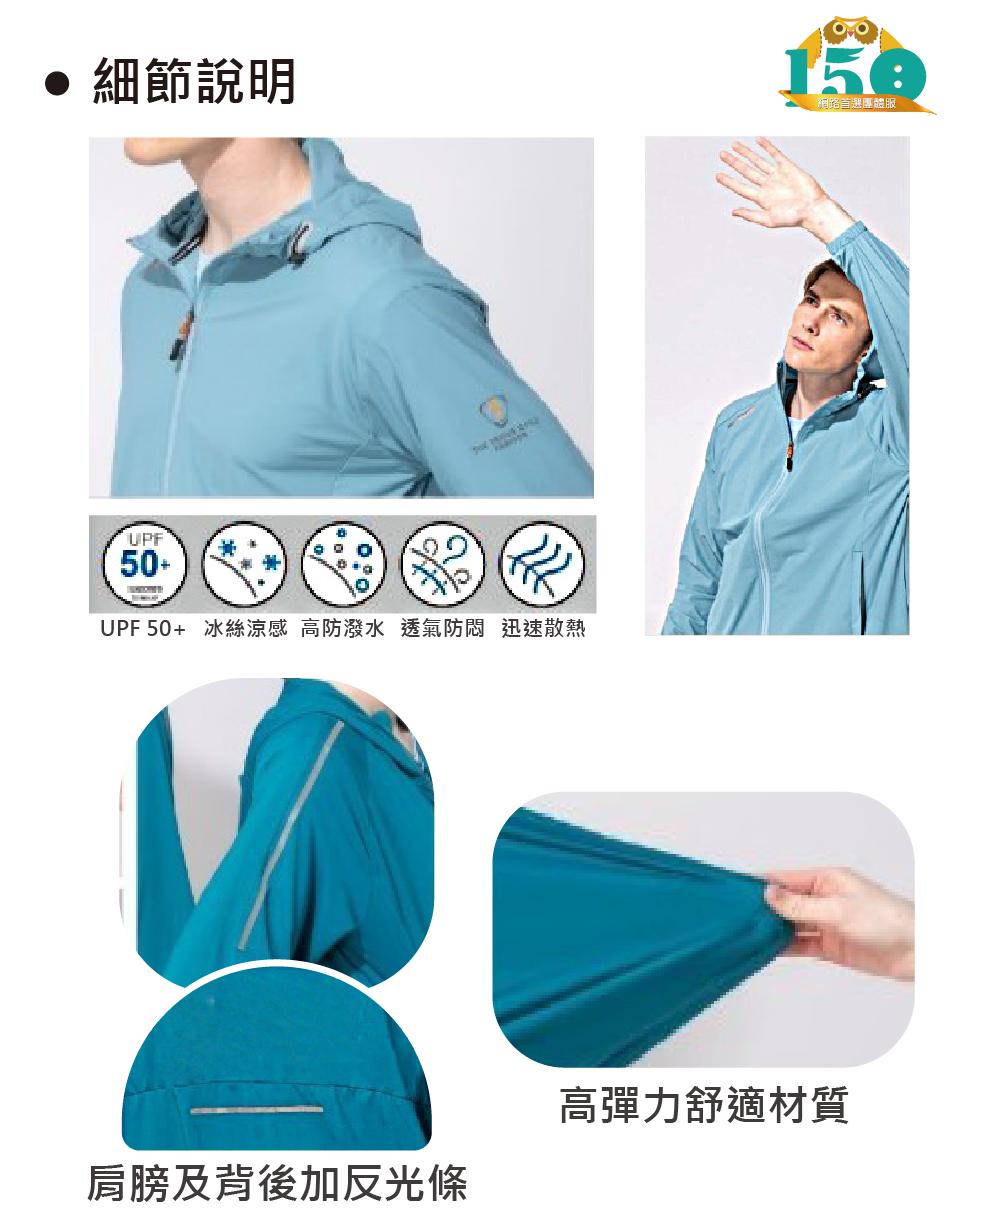 品牌款PD-S334系列超彈冰絲連帽防曬外套說明